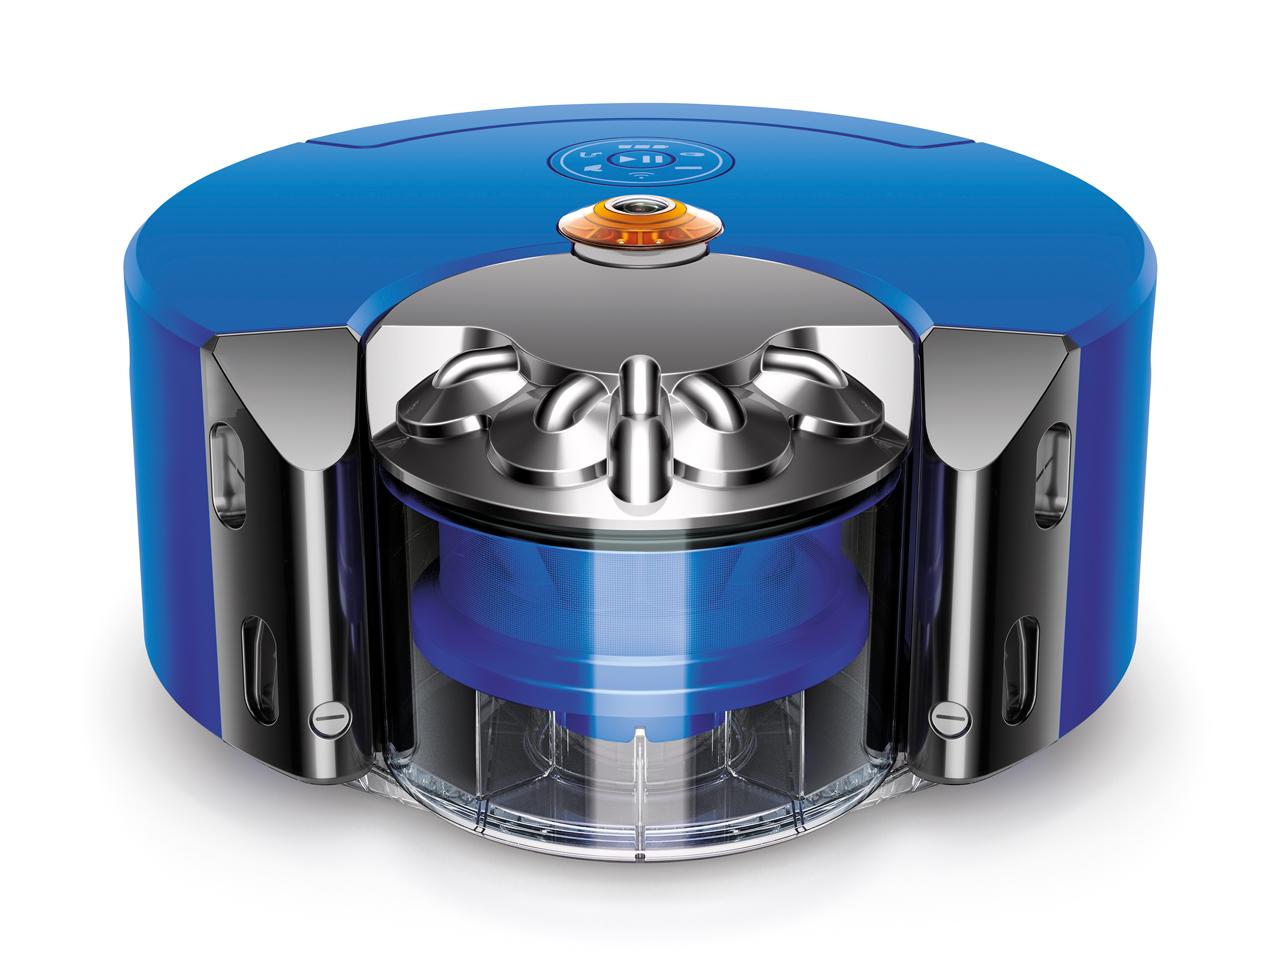 創業74年、各種設置工事、官公庁法人対応、新品不良交換対応、アフターサービス対応 ダイソン 360 Heurist ロボット掃除機RB02BN